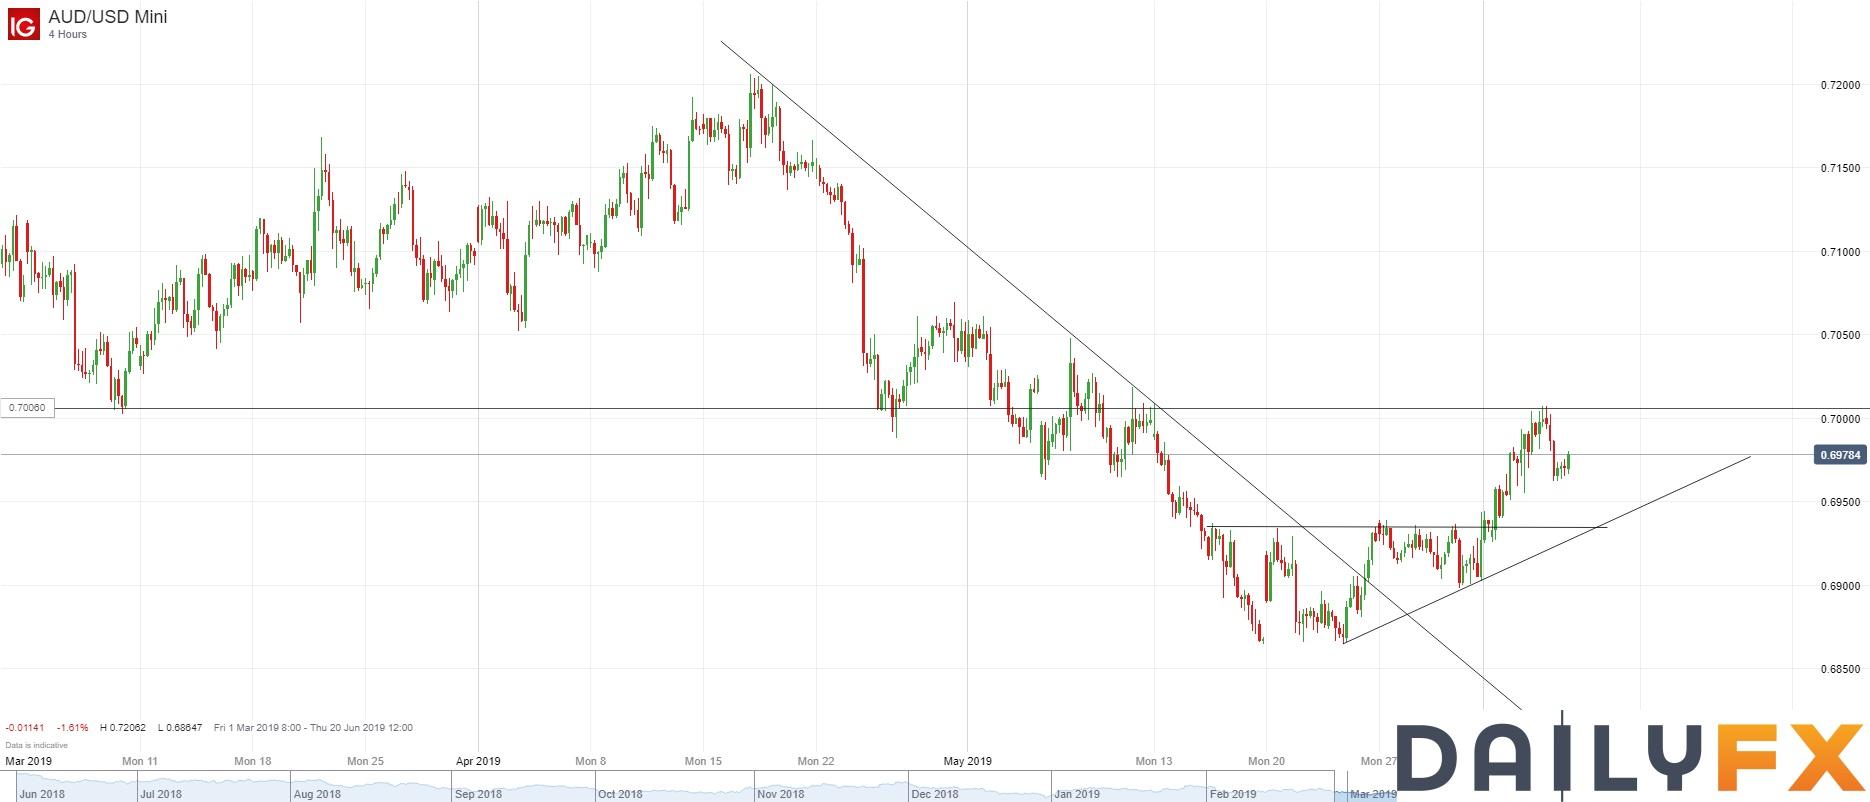 澳元/美元技术分析:自0.70整数关遇阻回落